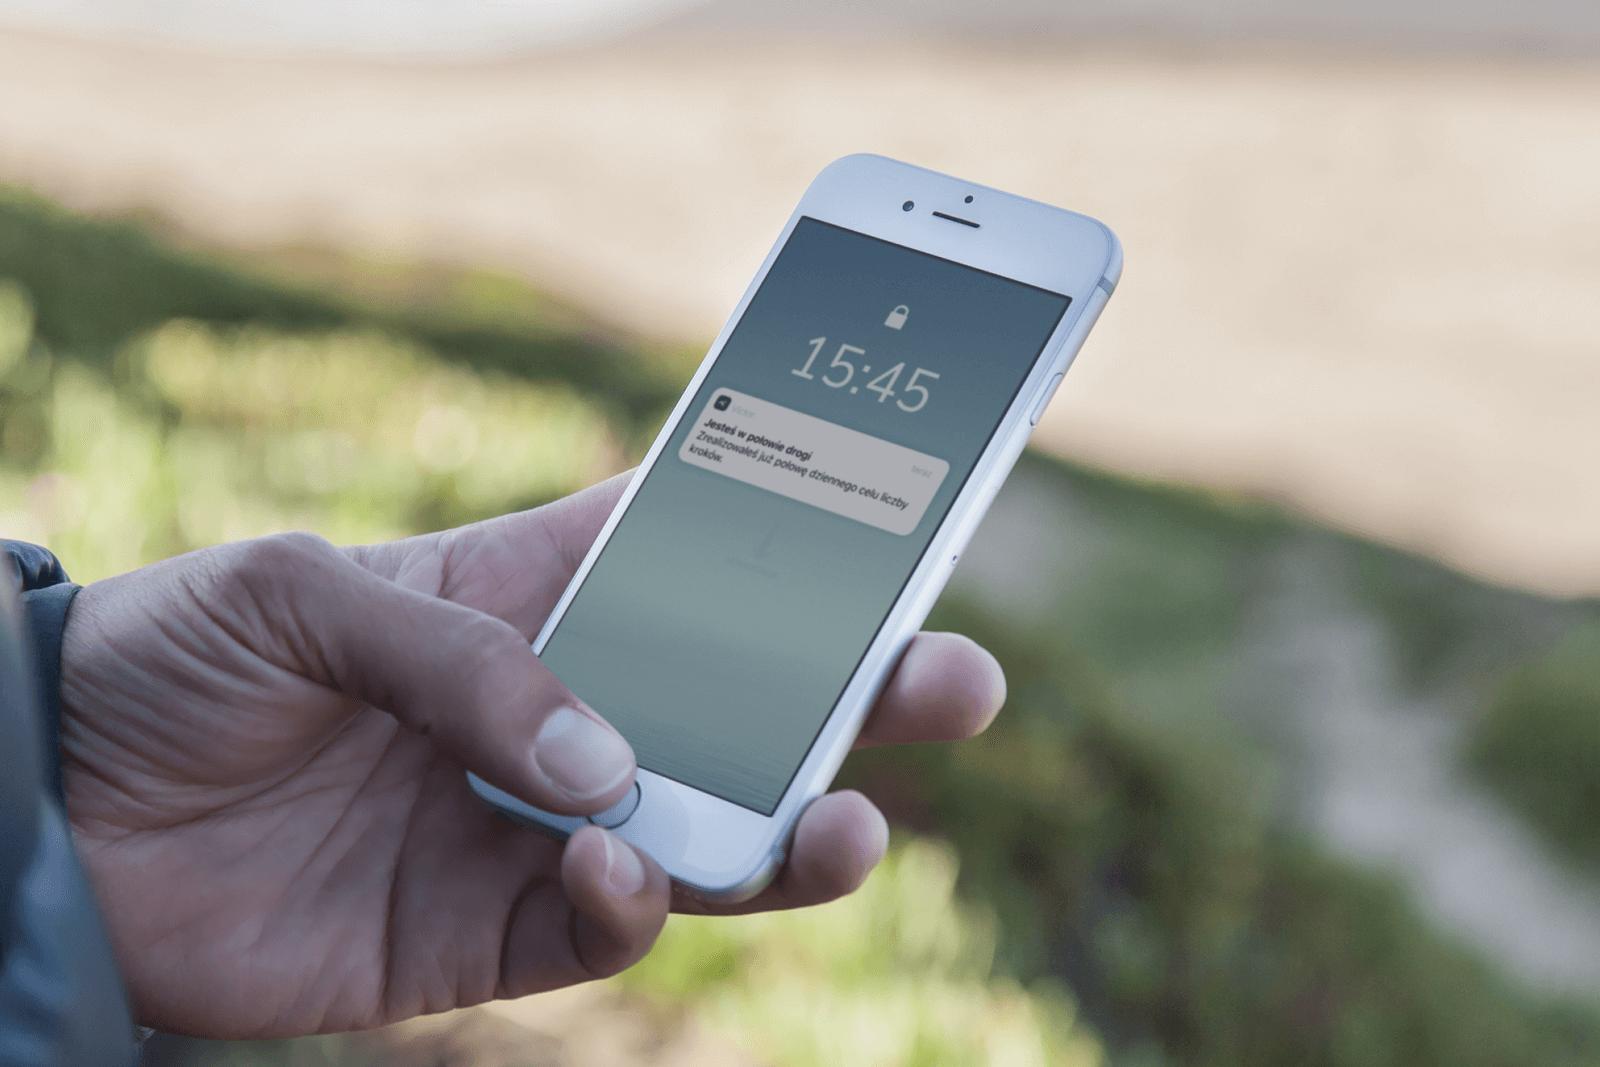 Mężczyzna trzymający telefon, na ekranie telefonu wyświetla się powiadomienie aplikacji Victor.